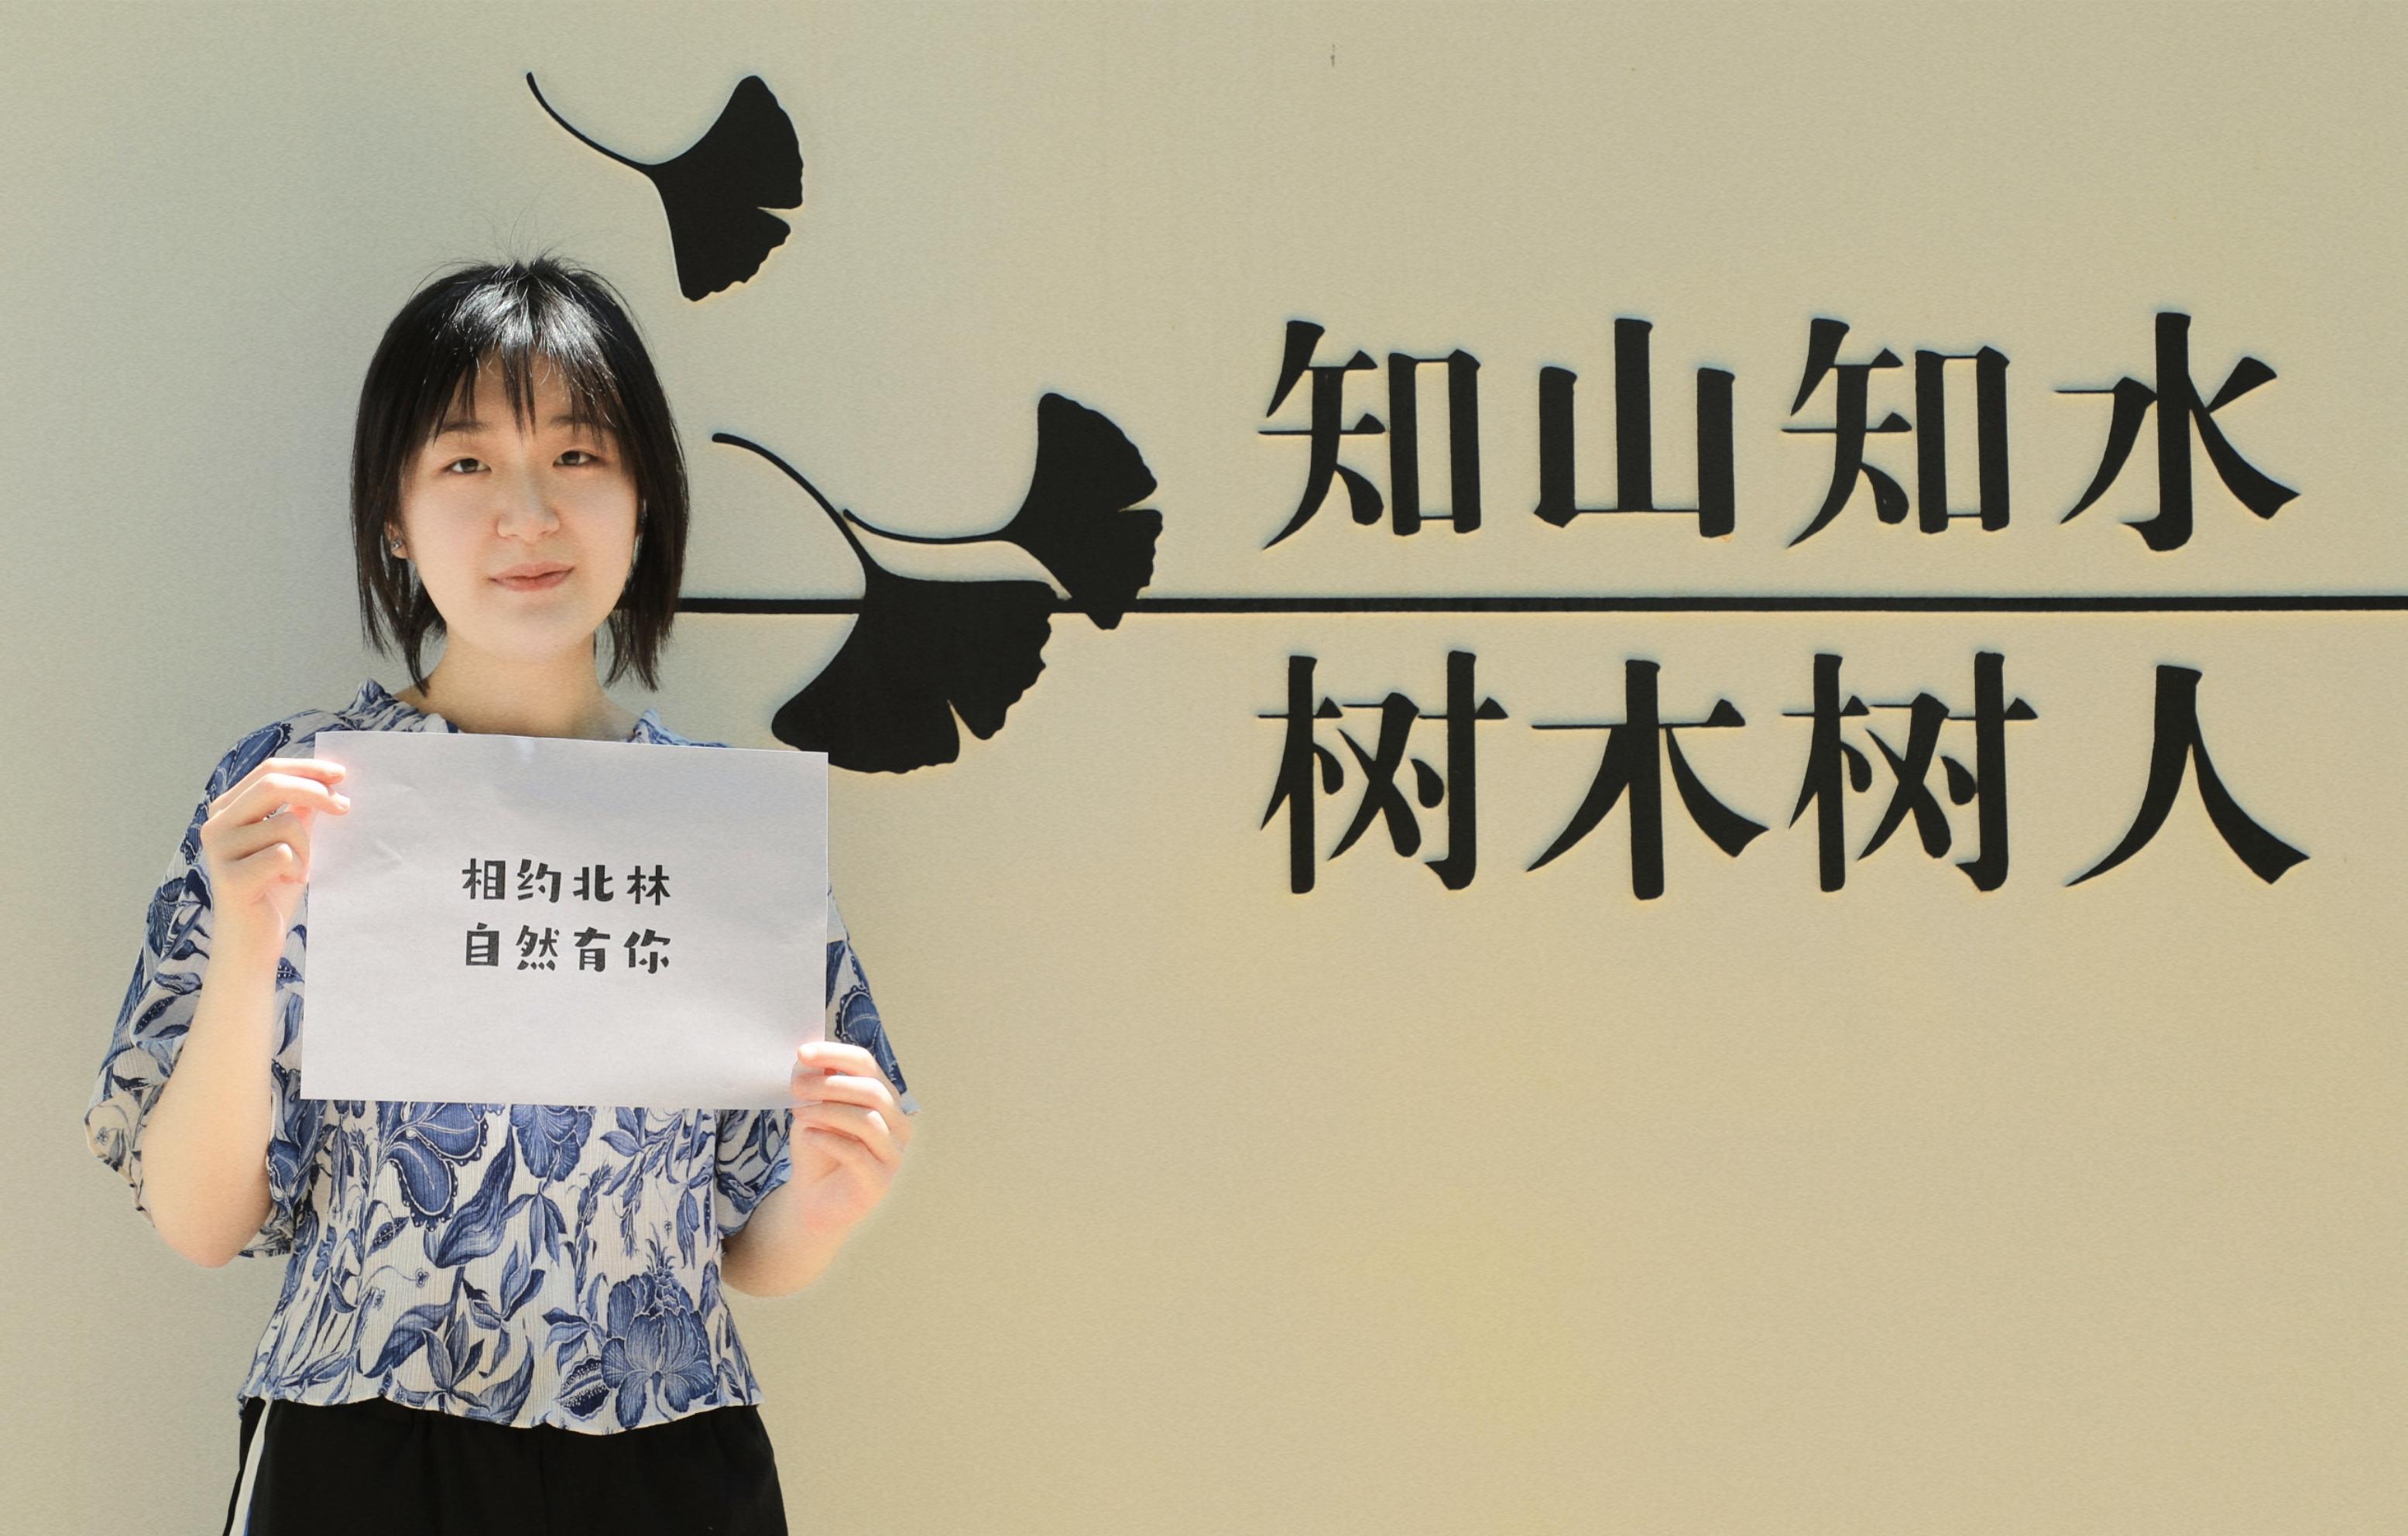 2019届北京林业大学张乐笛.jpg